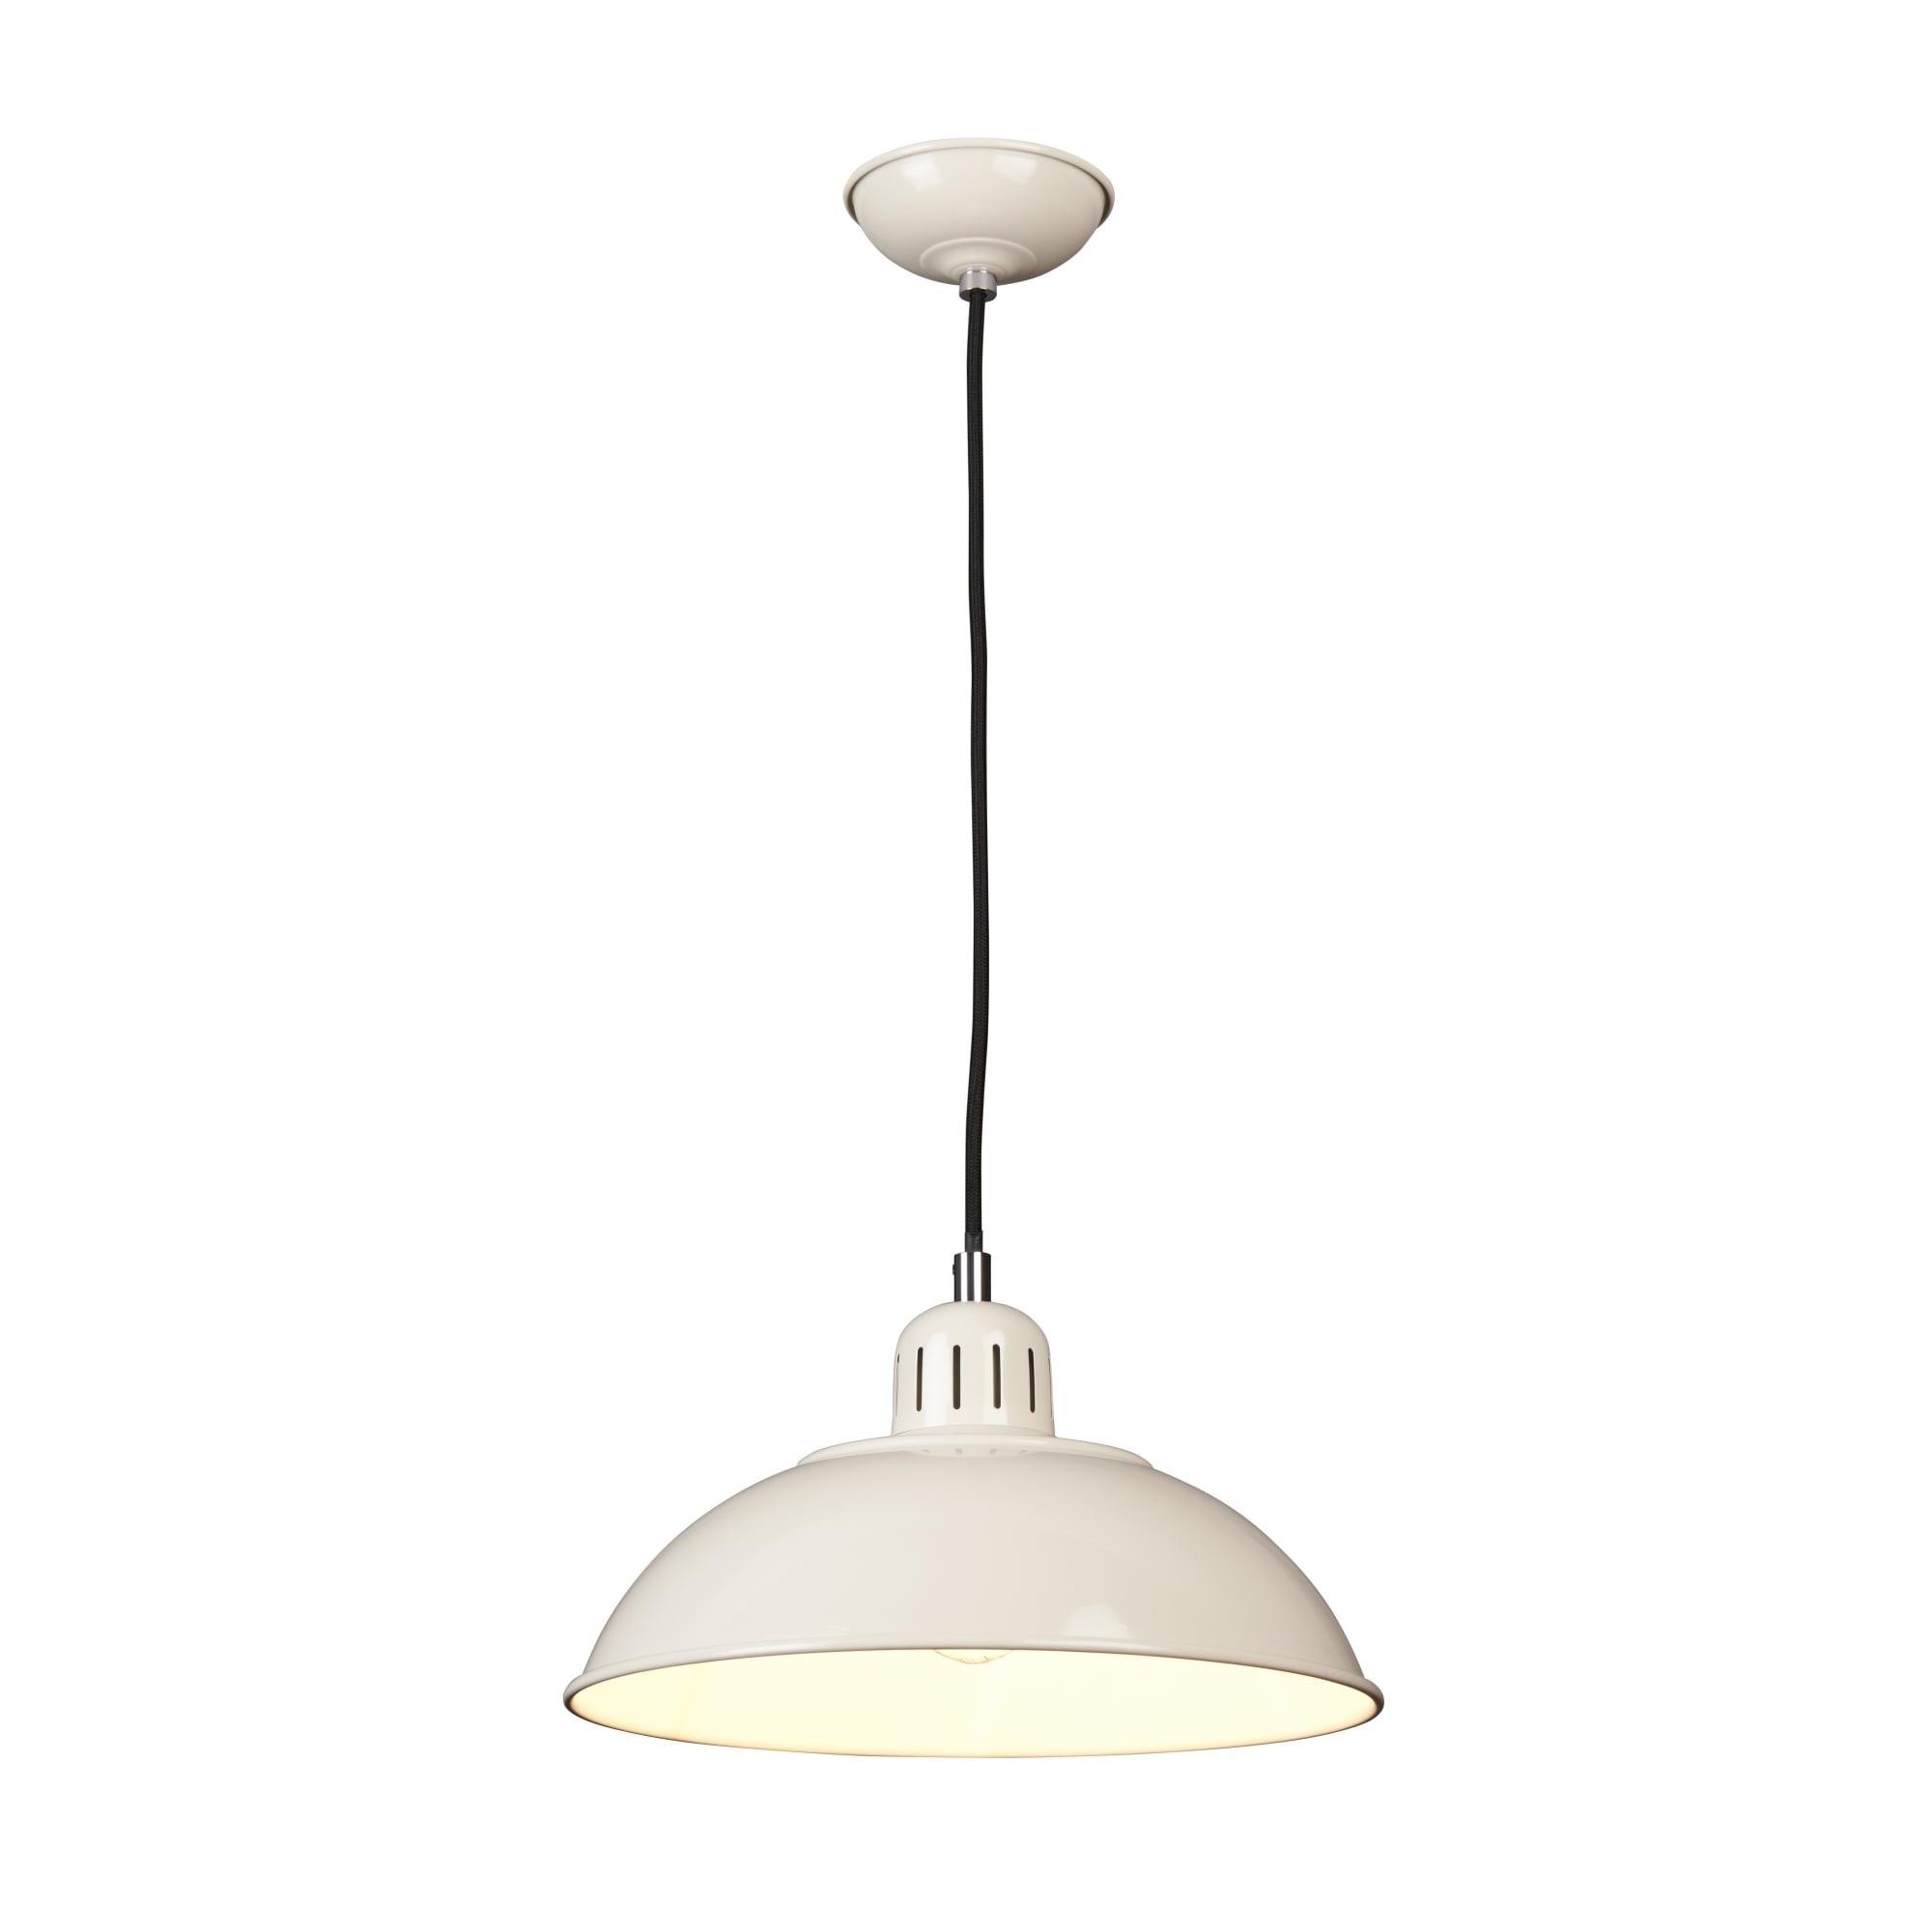 Retro Mid Century Ceiling Pendant Light In Oyster Cream Finish